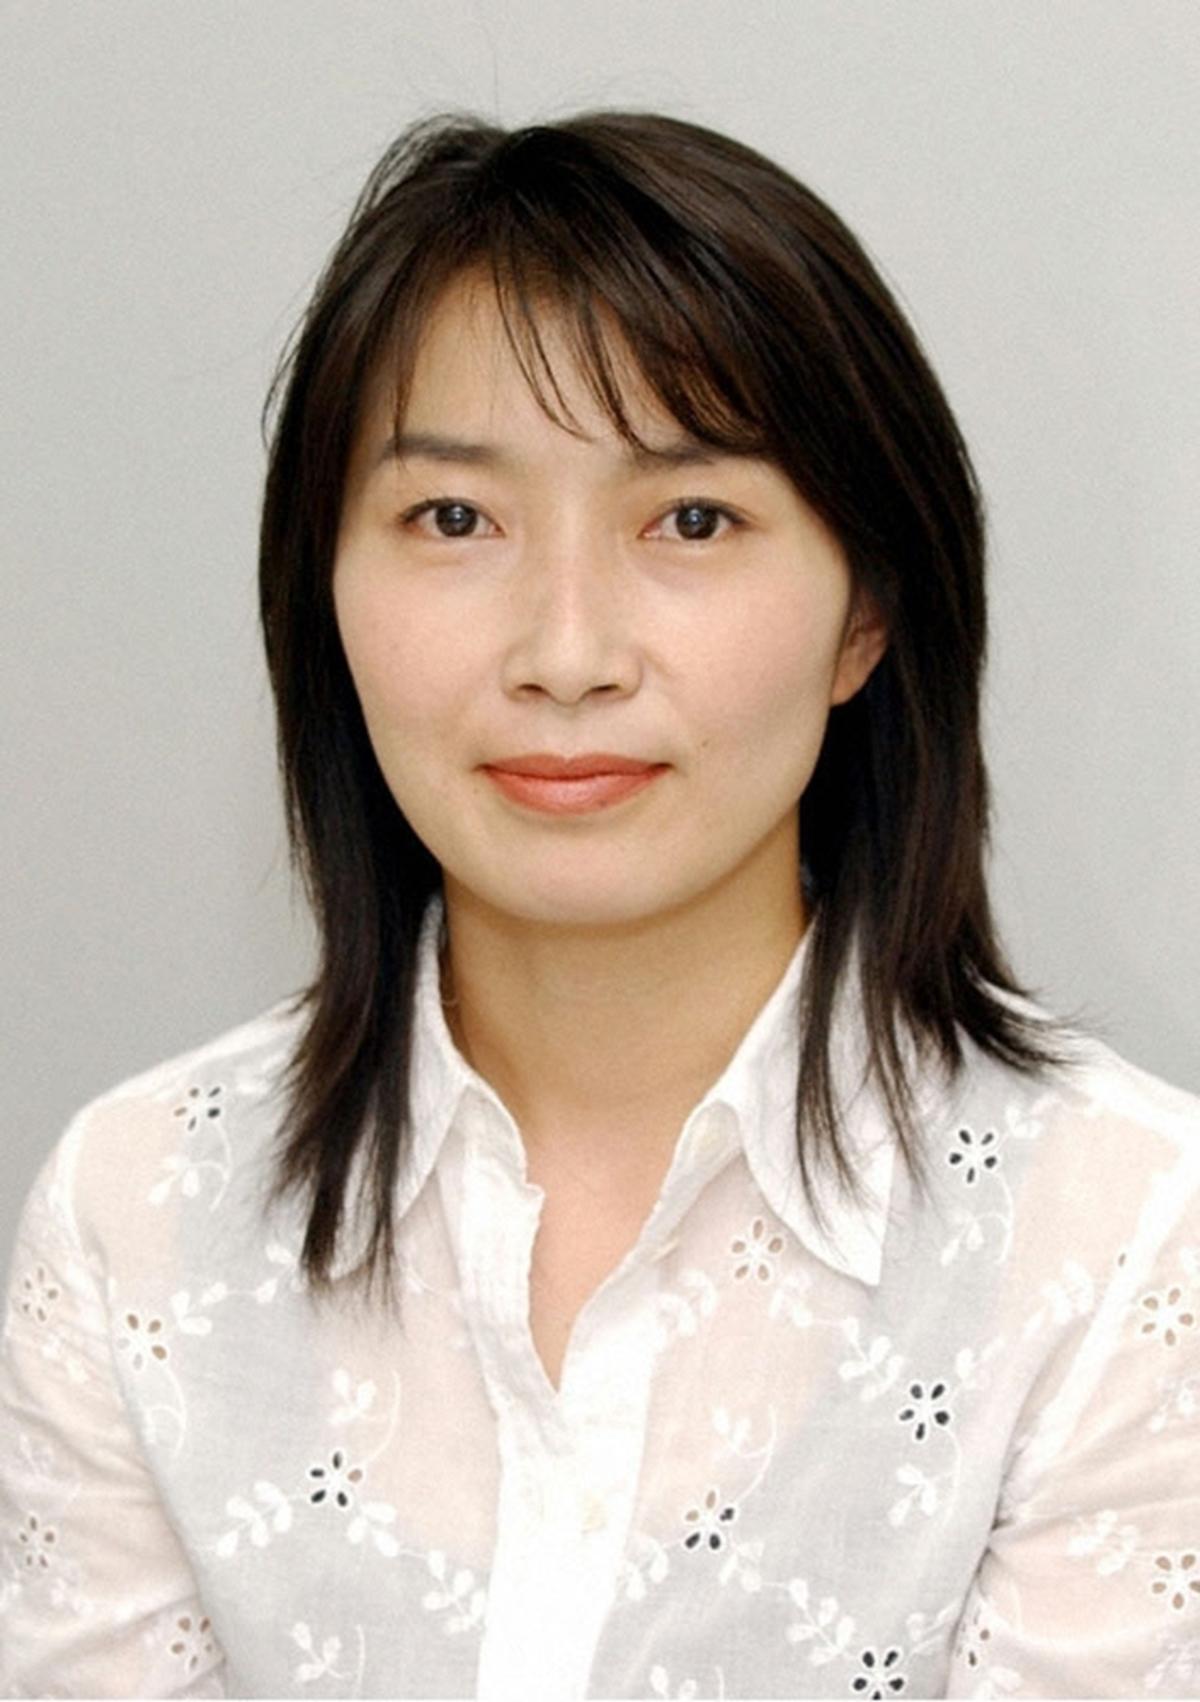 Εννέα σφαίρες δέχθηκε η Γιαπωνέζα δημοσιογράφος | Newsit.gr